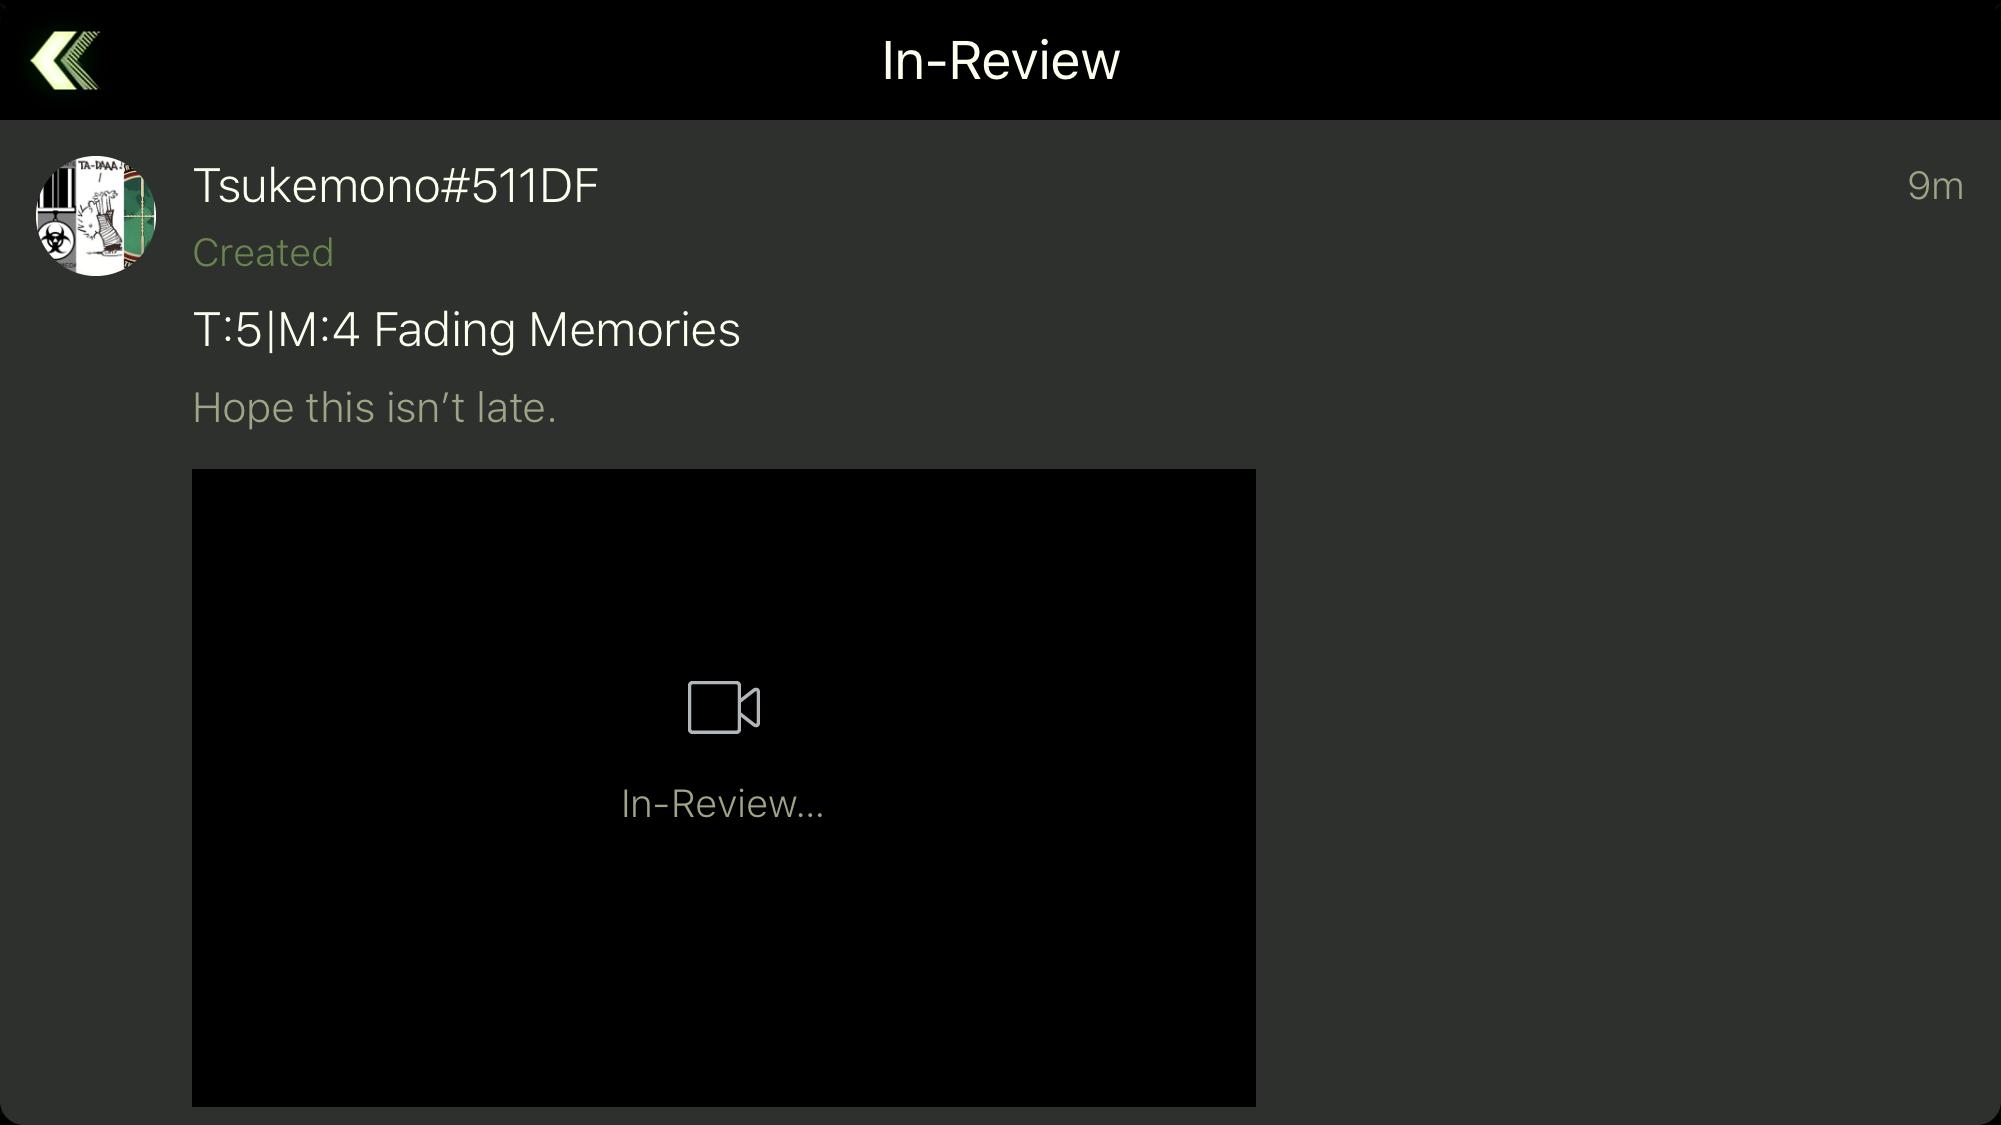 T:5 M4 Fading Memories